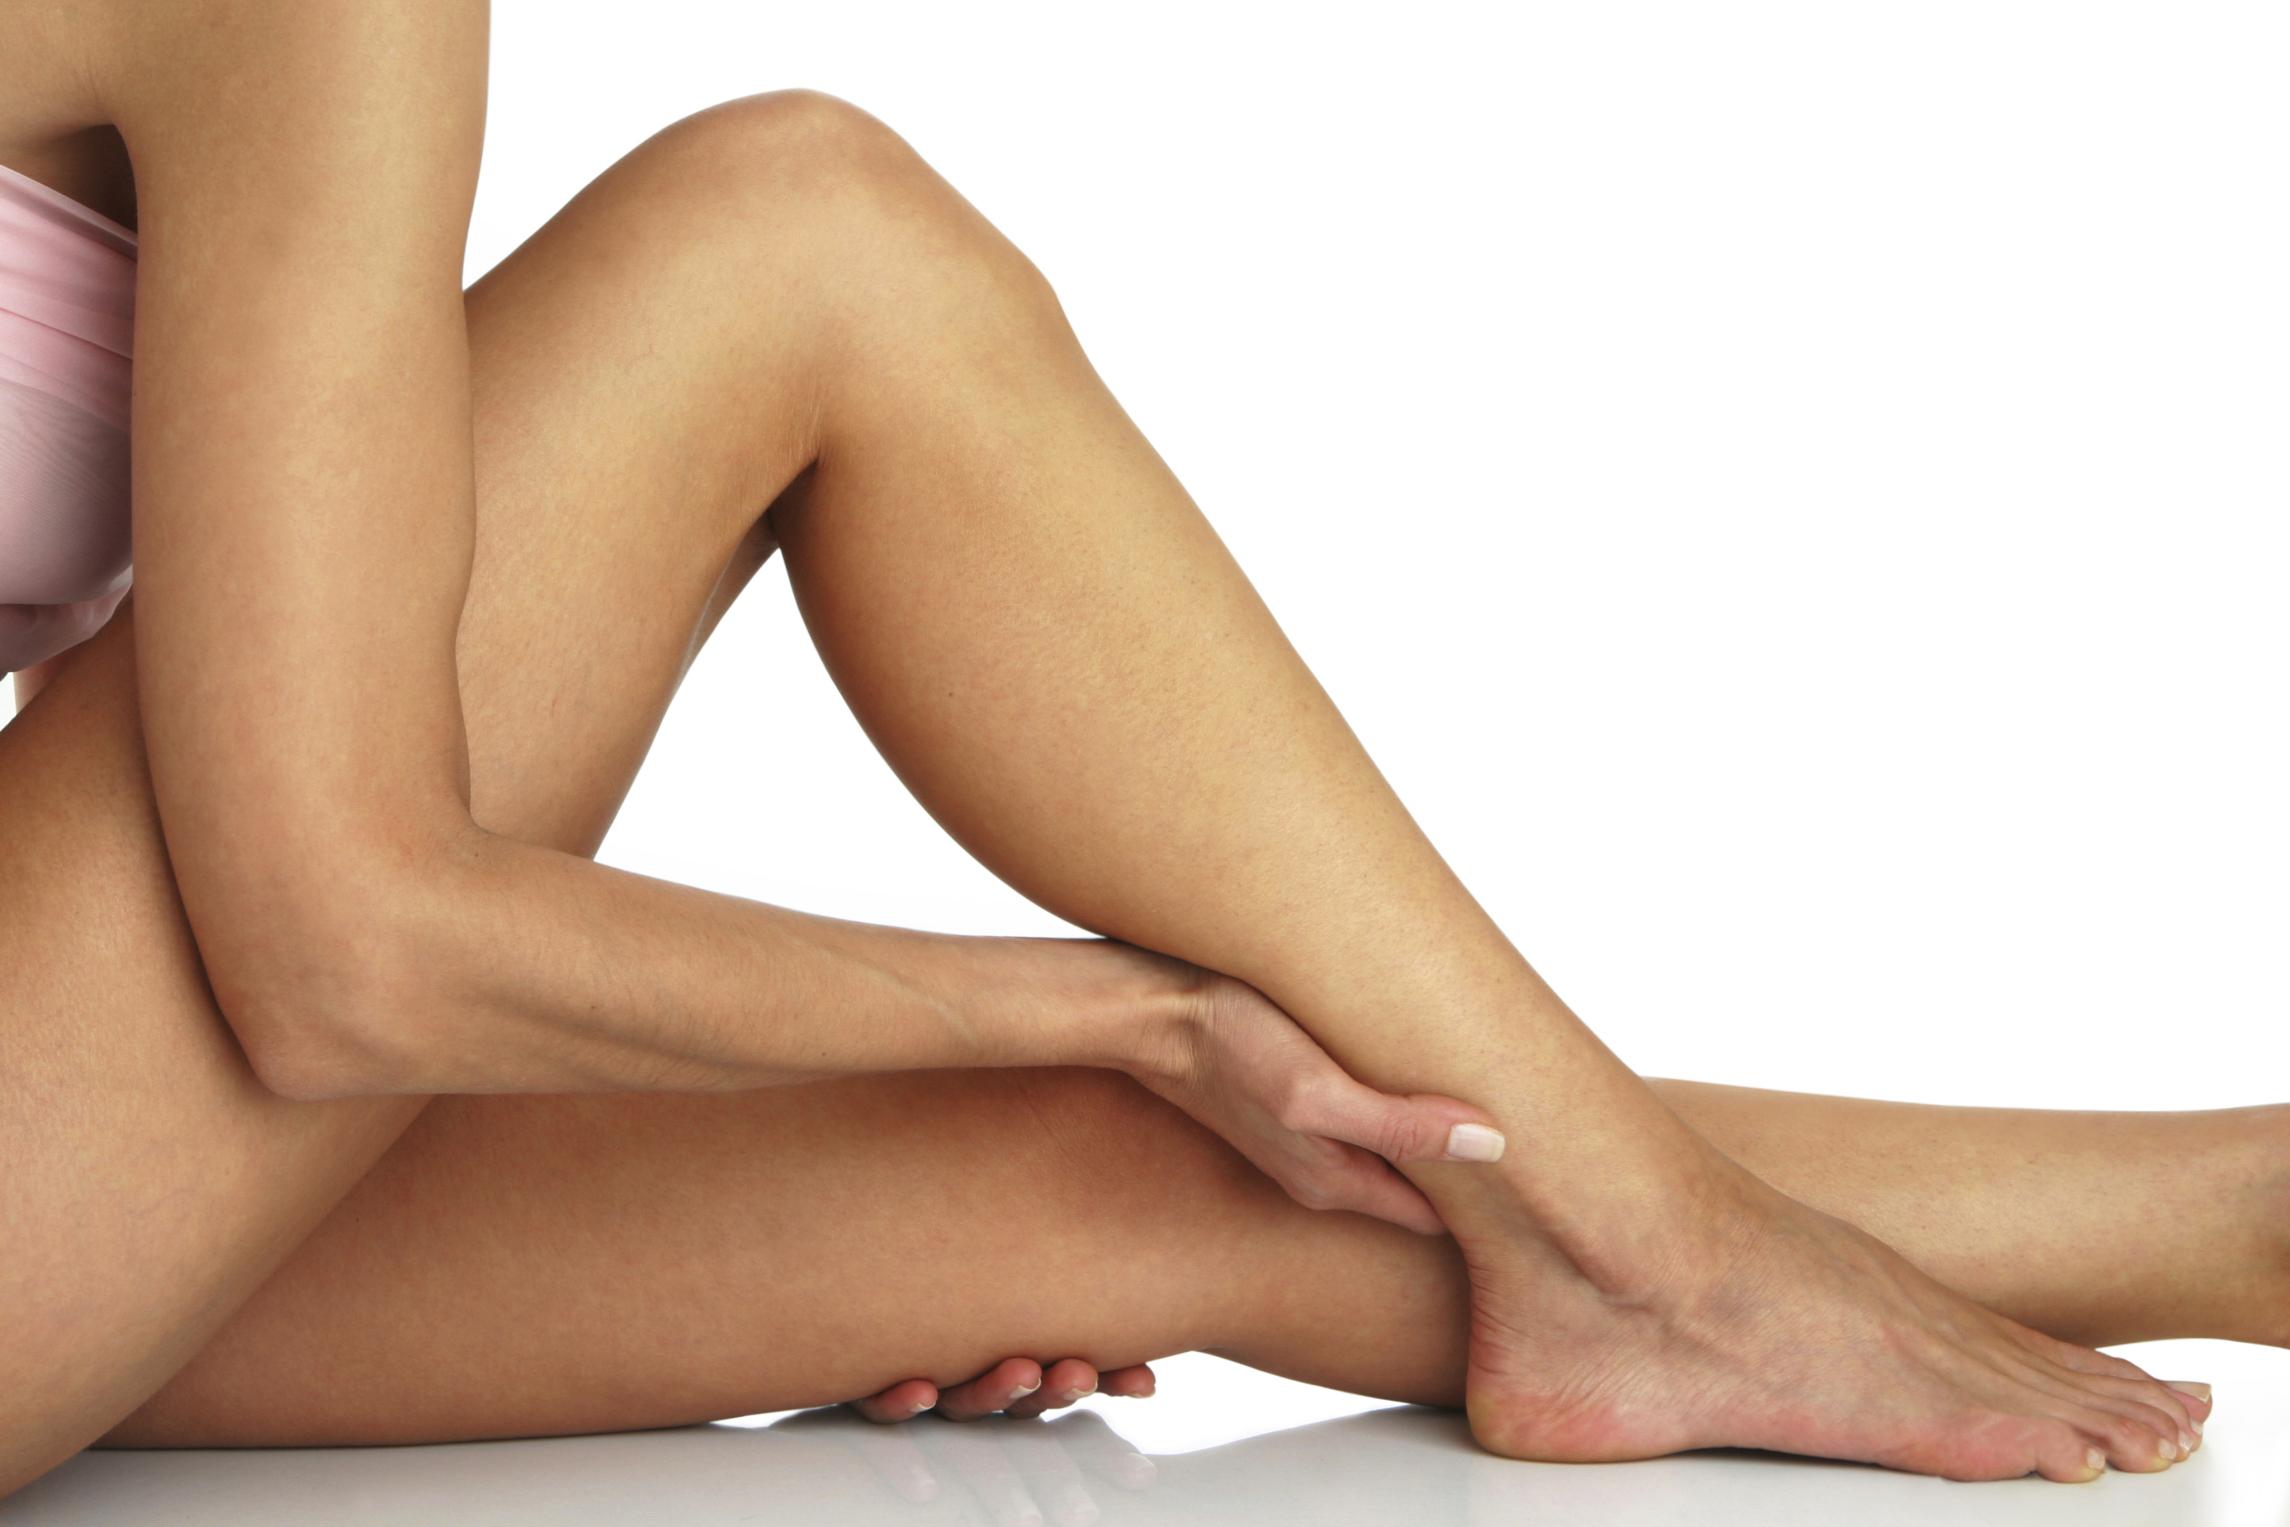 hogyan lehet hatékonyan megszabadulni a visszérektől fájó lábvénák visszér